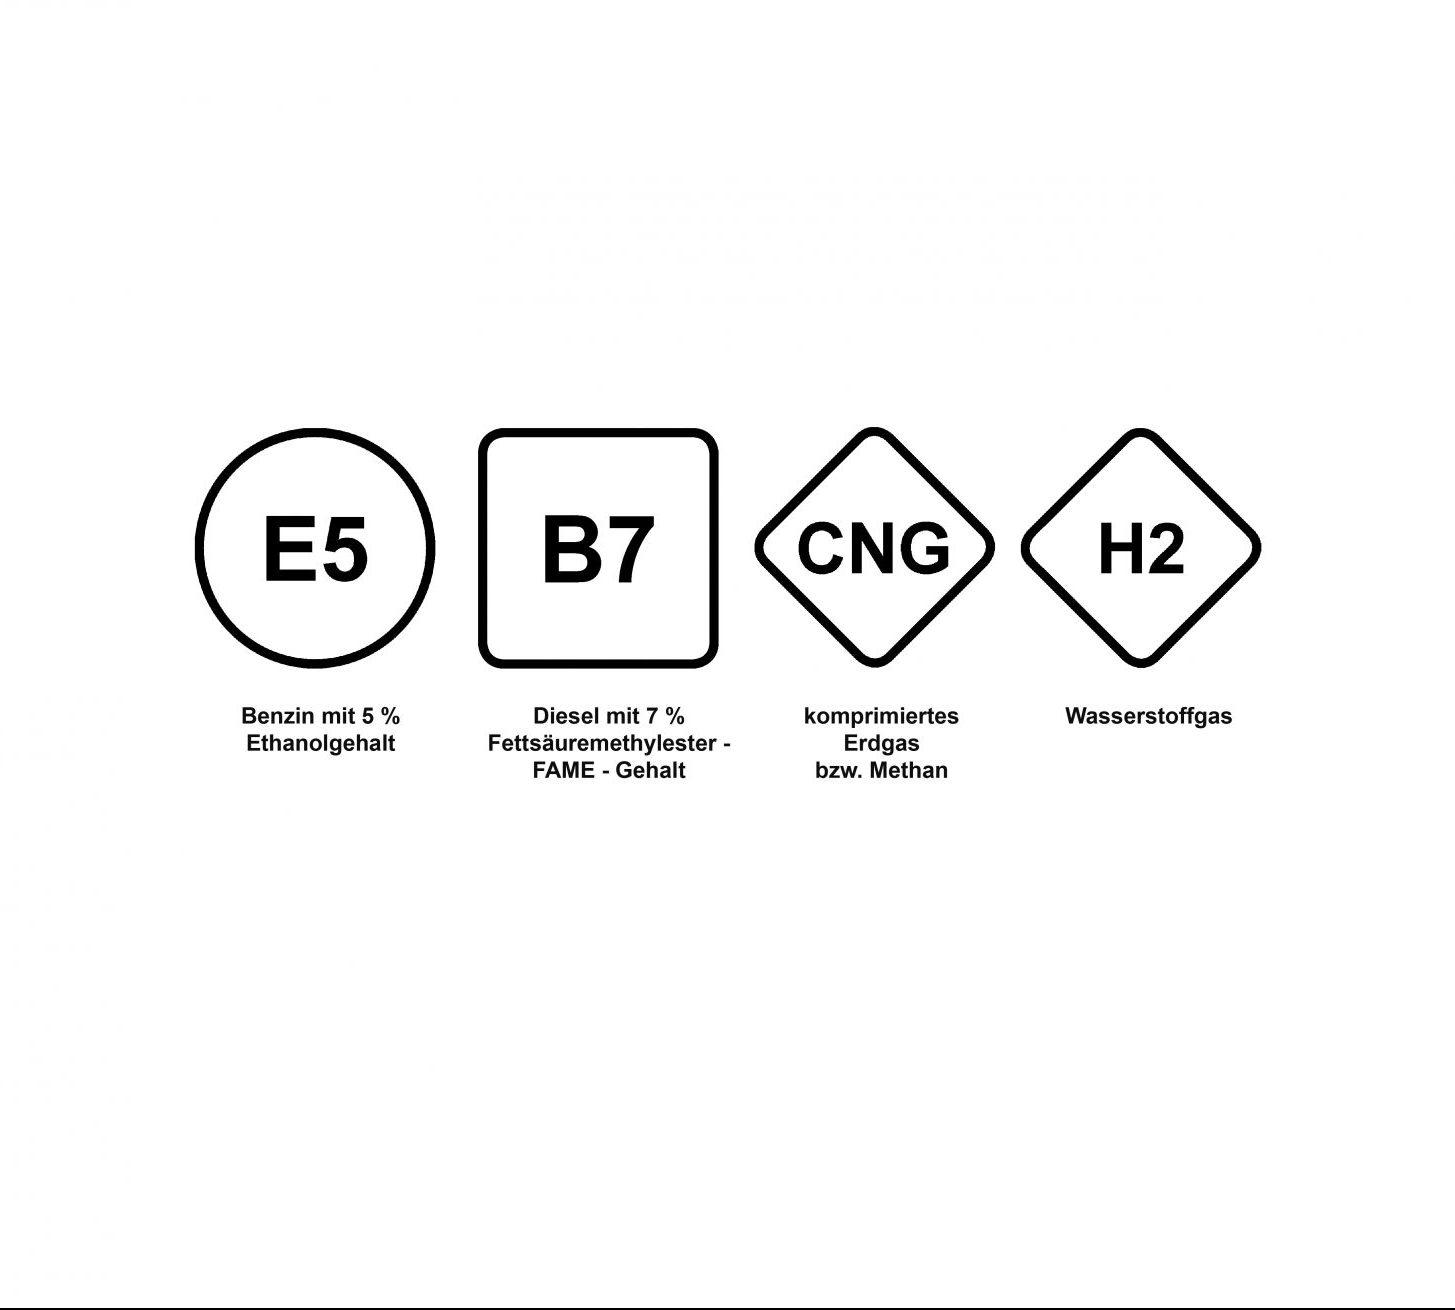 In der EU sollen einheitliche Kraftstoffsymbole beim Tanken im Ausland helfen. (Foto: DIN)